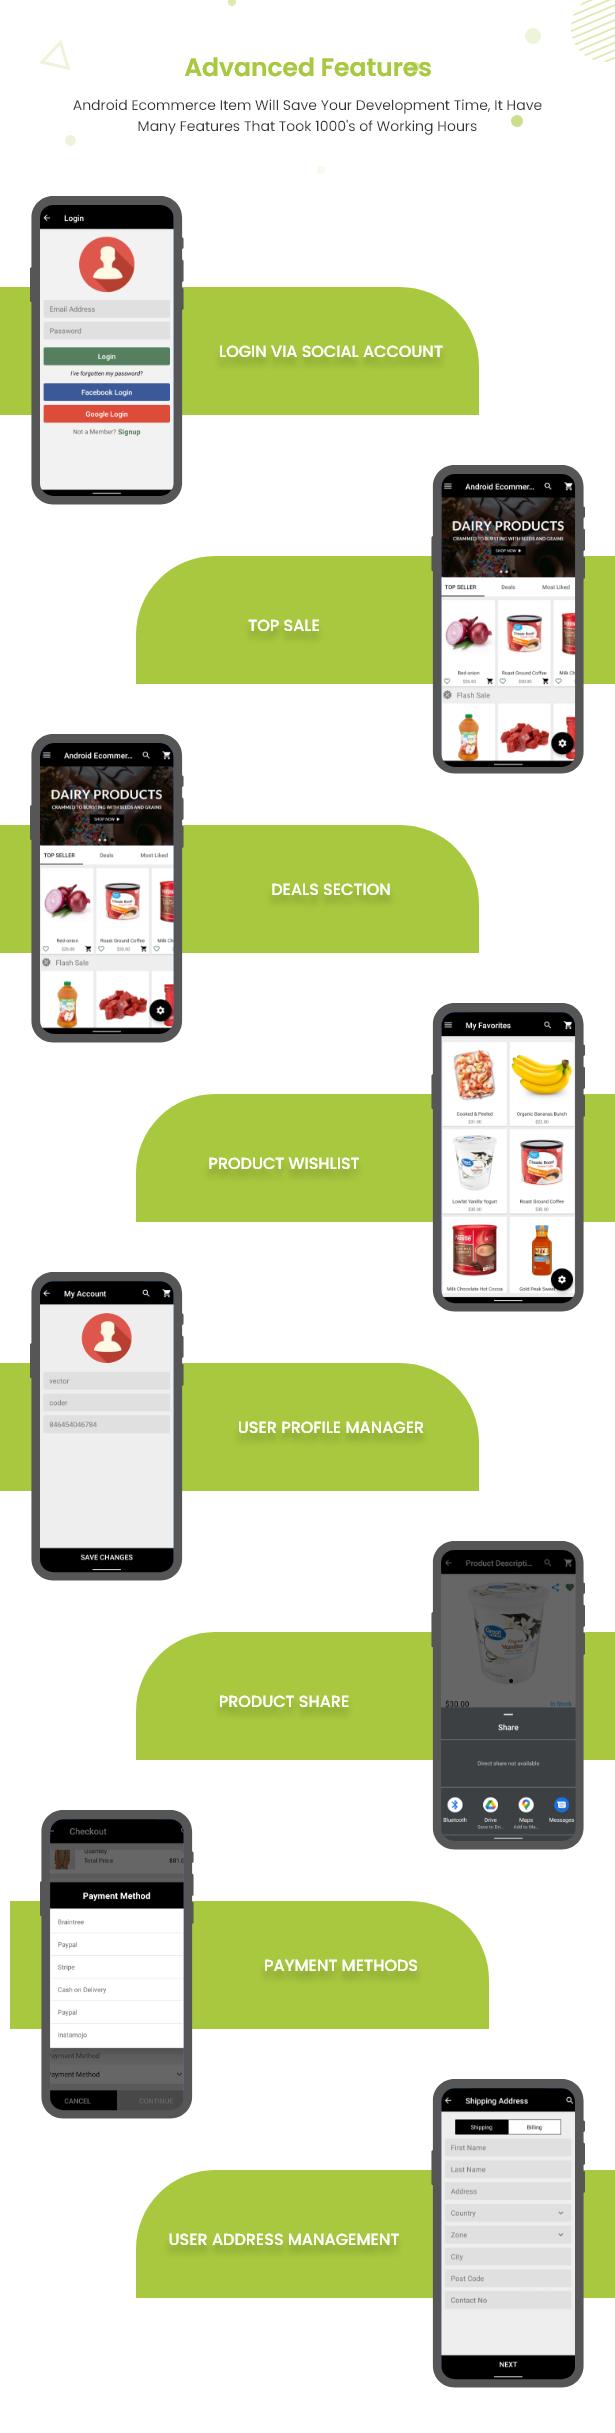 Android Ecommerce - Aplicativo móvel completo de loja / comércio eletrônico Android universal com Laravel CMS - 22